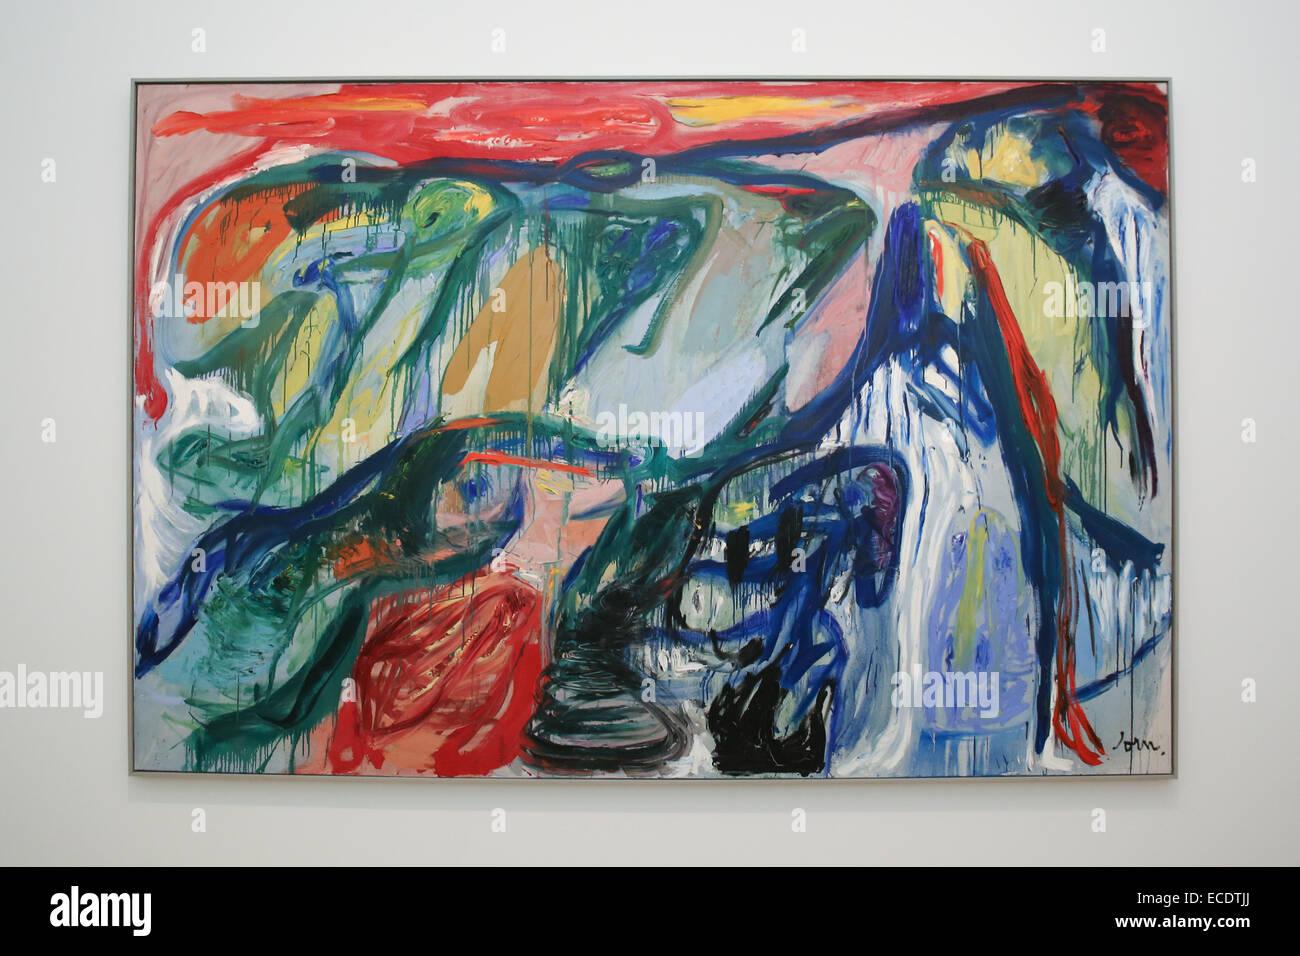 La peinture abstraite Banque D'Images